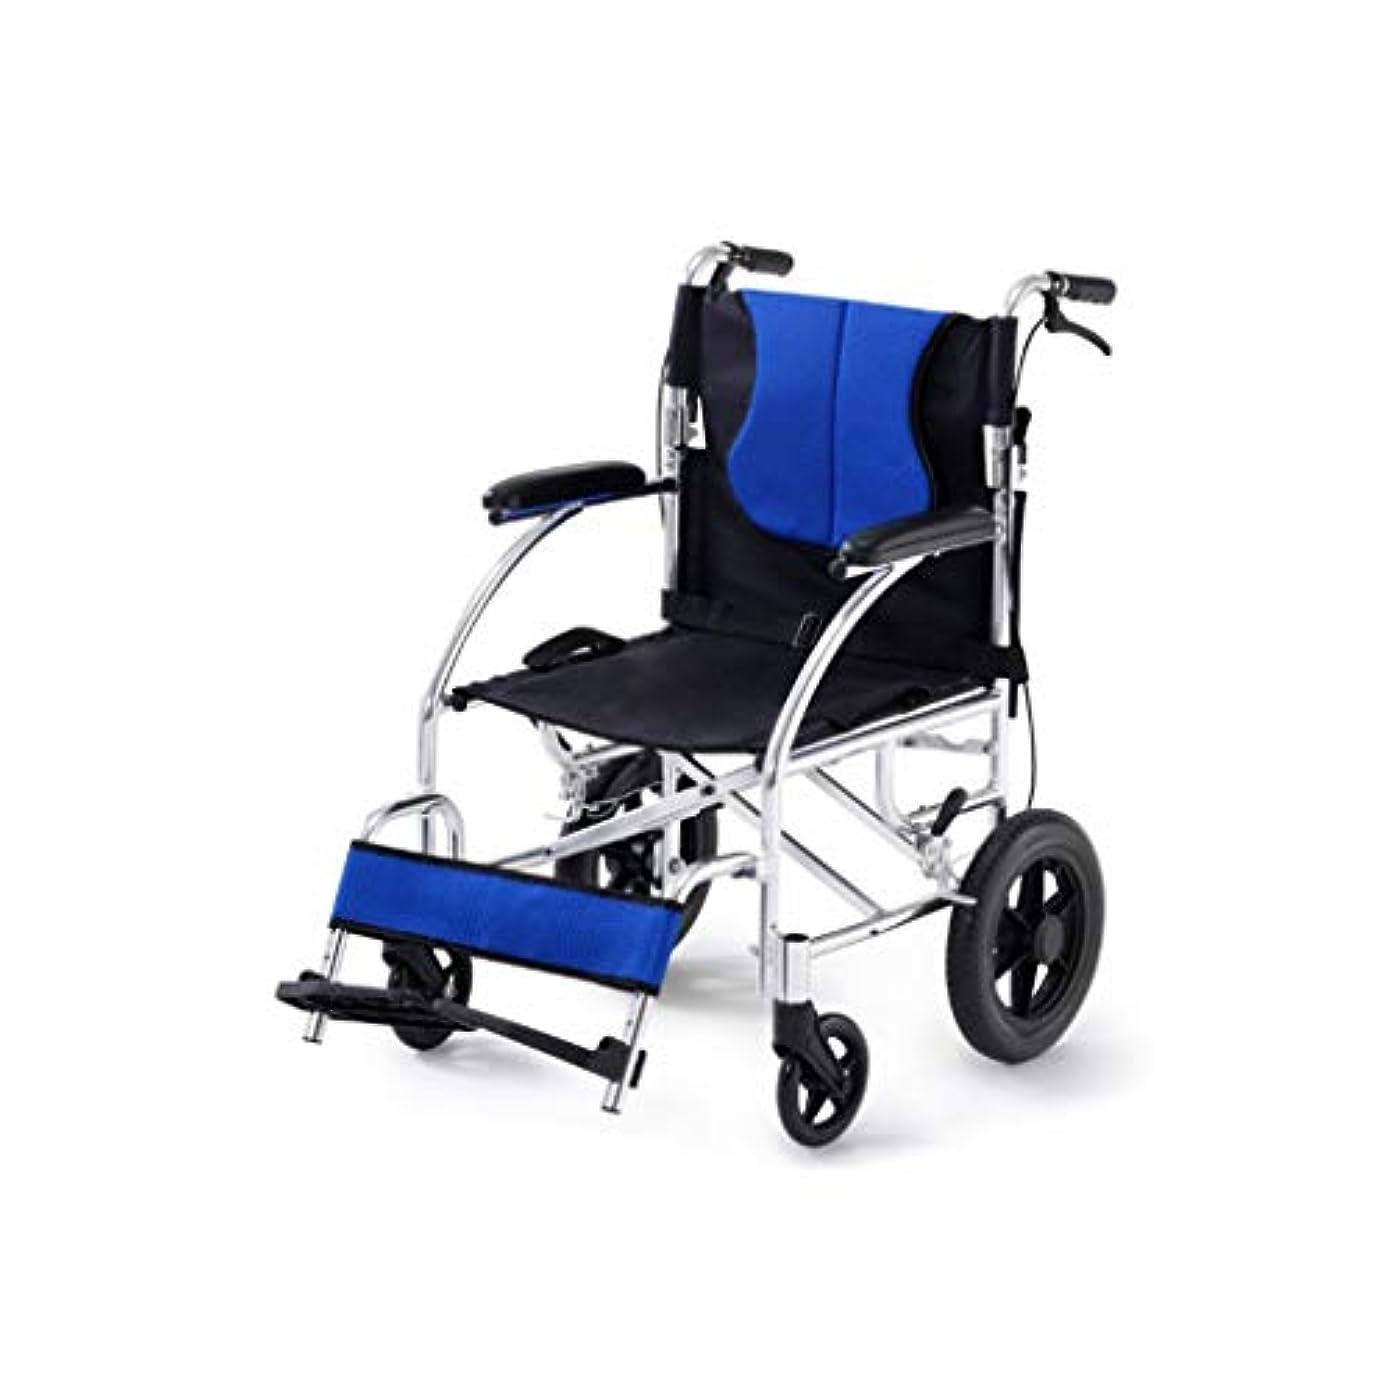 ピューモディッシュ考案する車椅子の手動折りたたみ、ポータブル車椅子、超軽量高齢者向け旅行スクーター (Color : Blue)